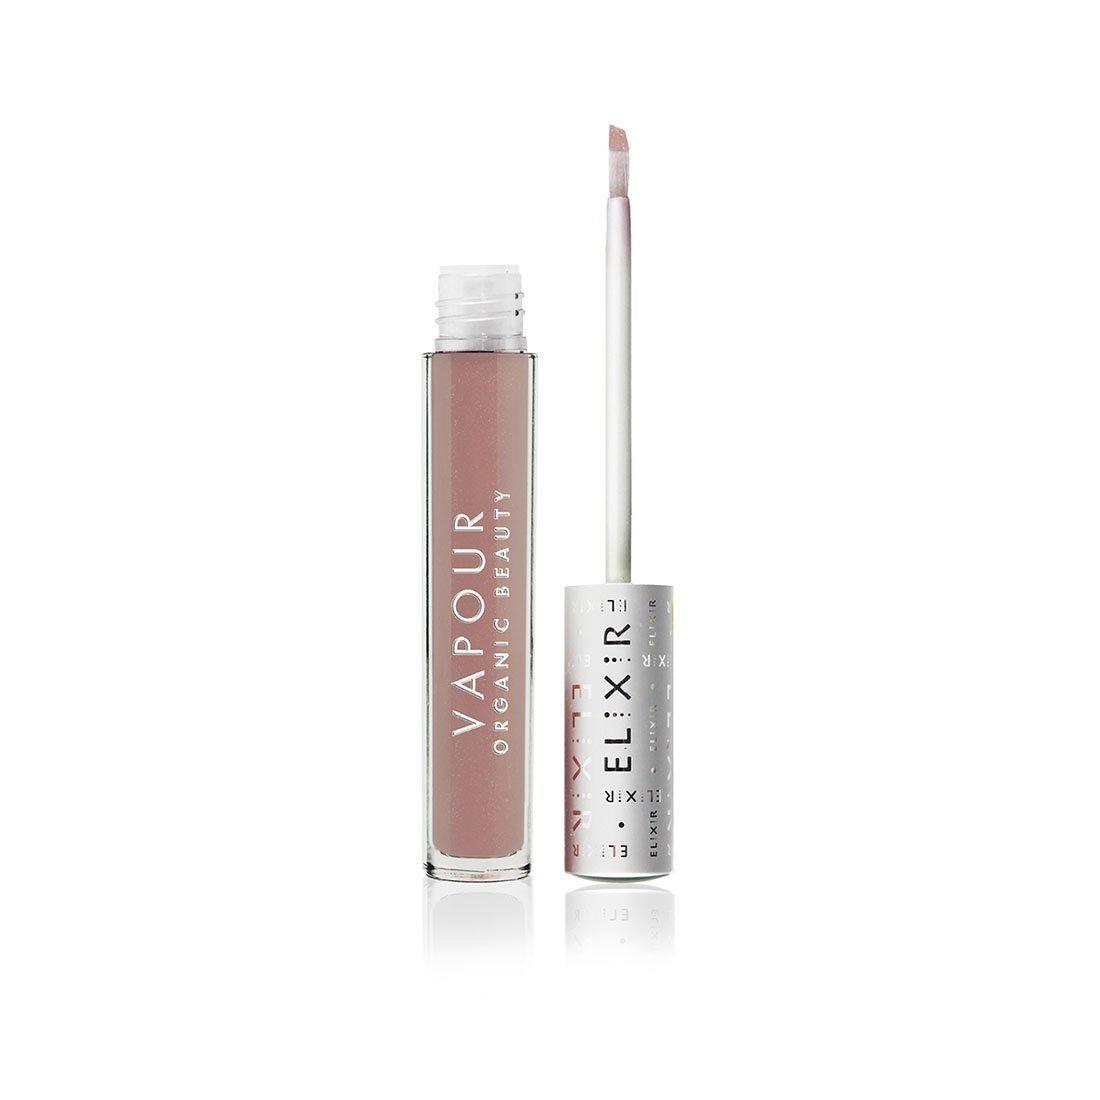 Vapour Organic Beauty Elixir Lip Gloss, Discreet-Light Warm Pink Nude, 0.13 Ounce